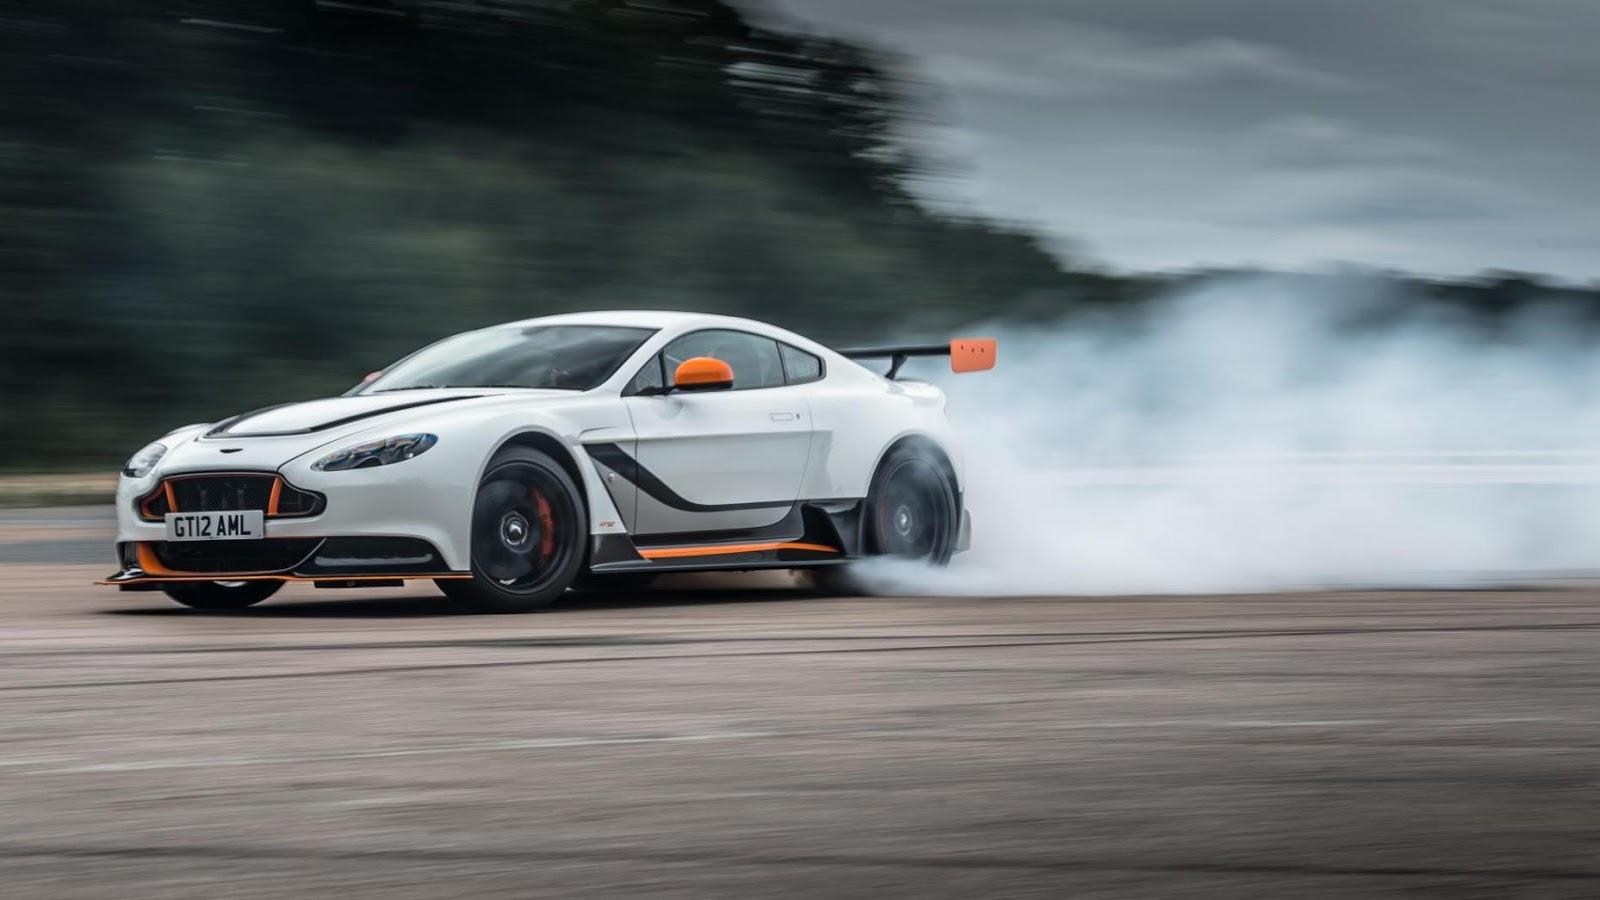 Hình dáng, làn khói hay tiếng gầm quyết định uy lực chiếc xe?